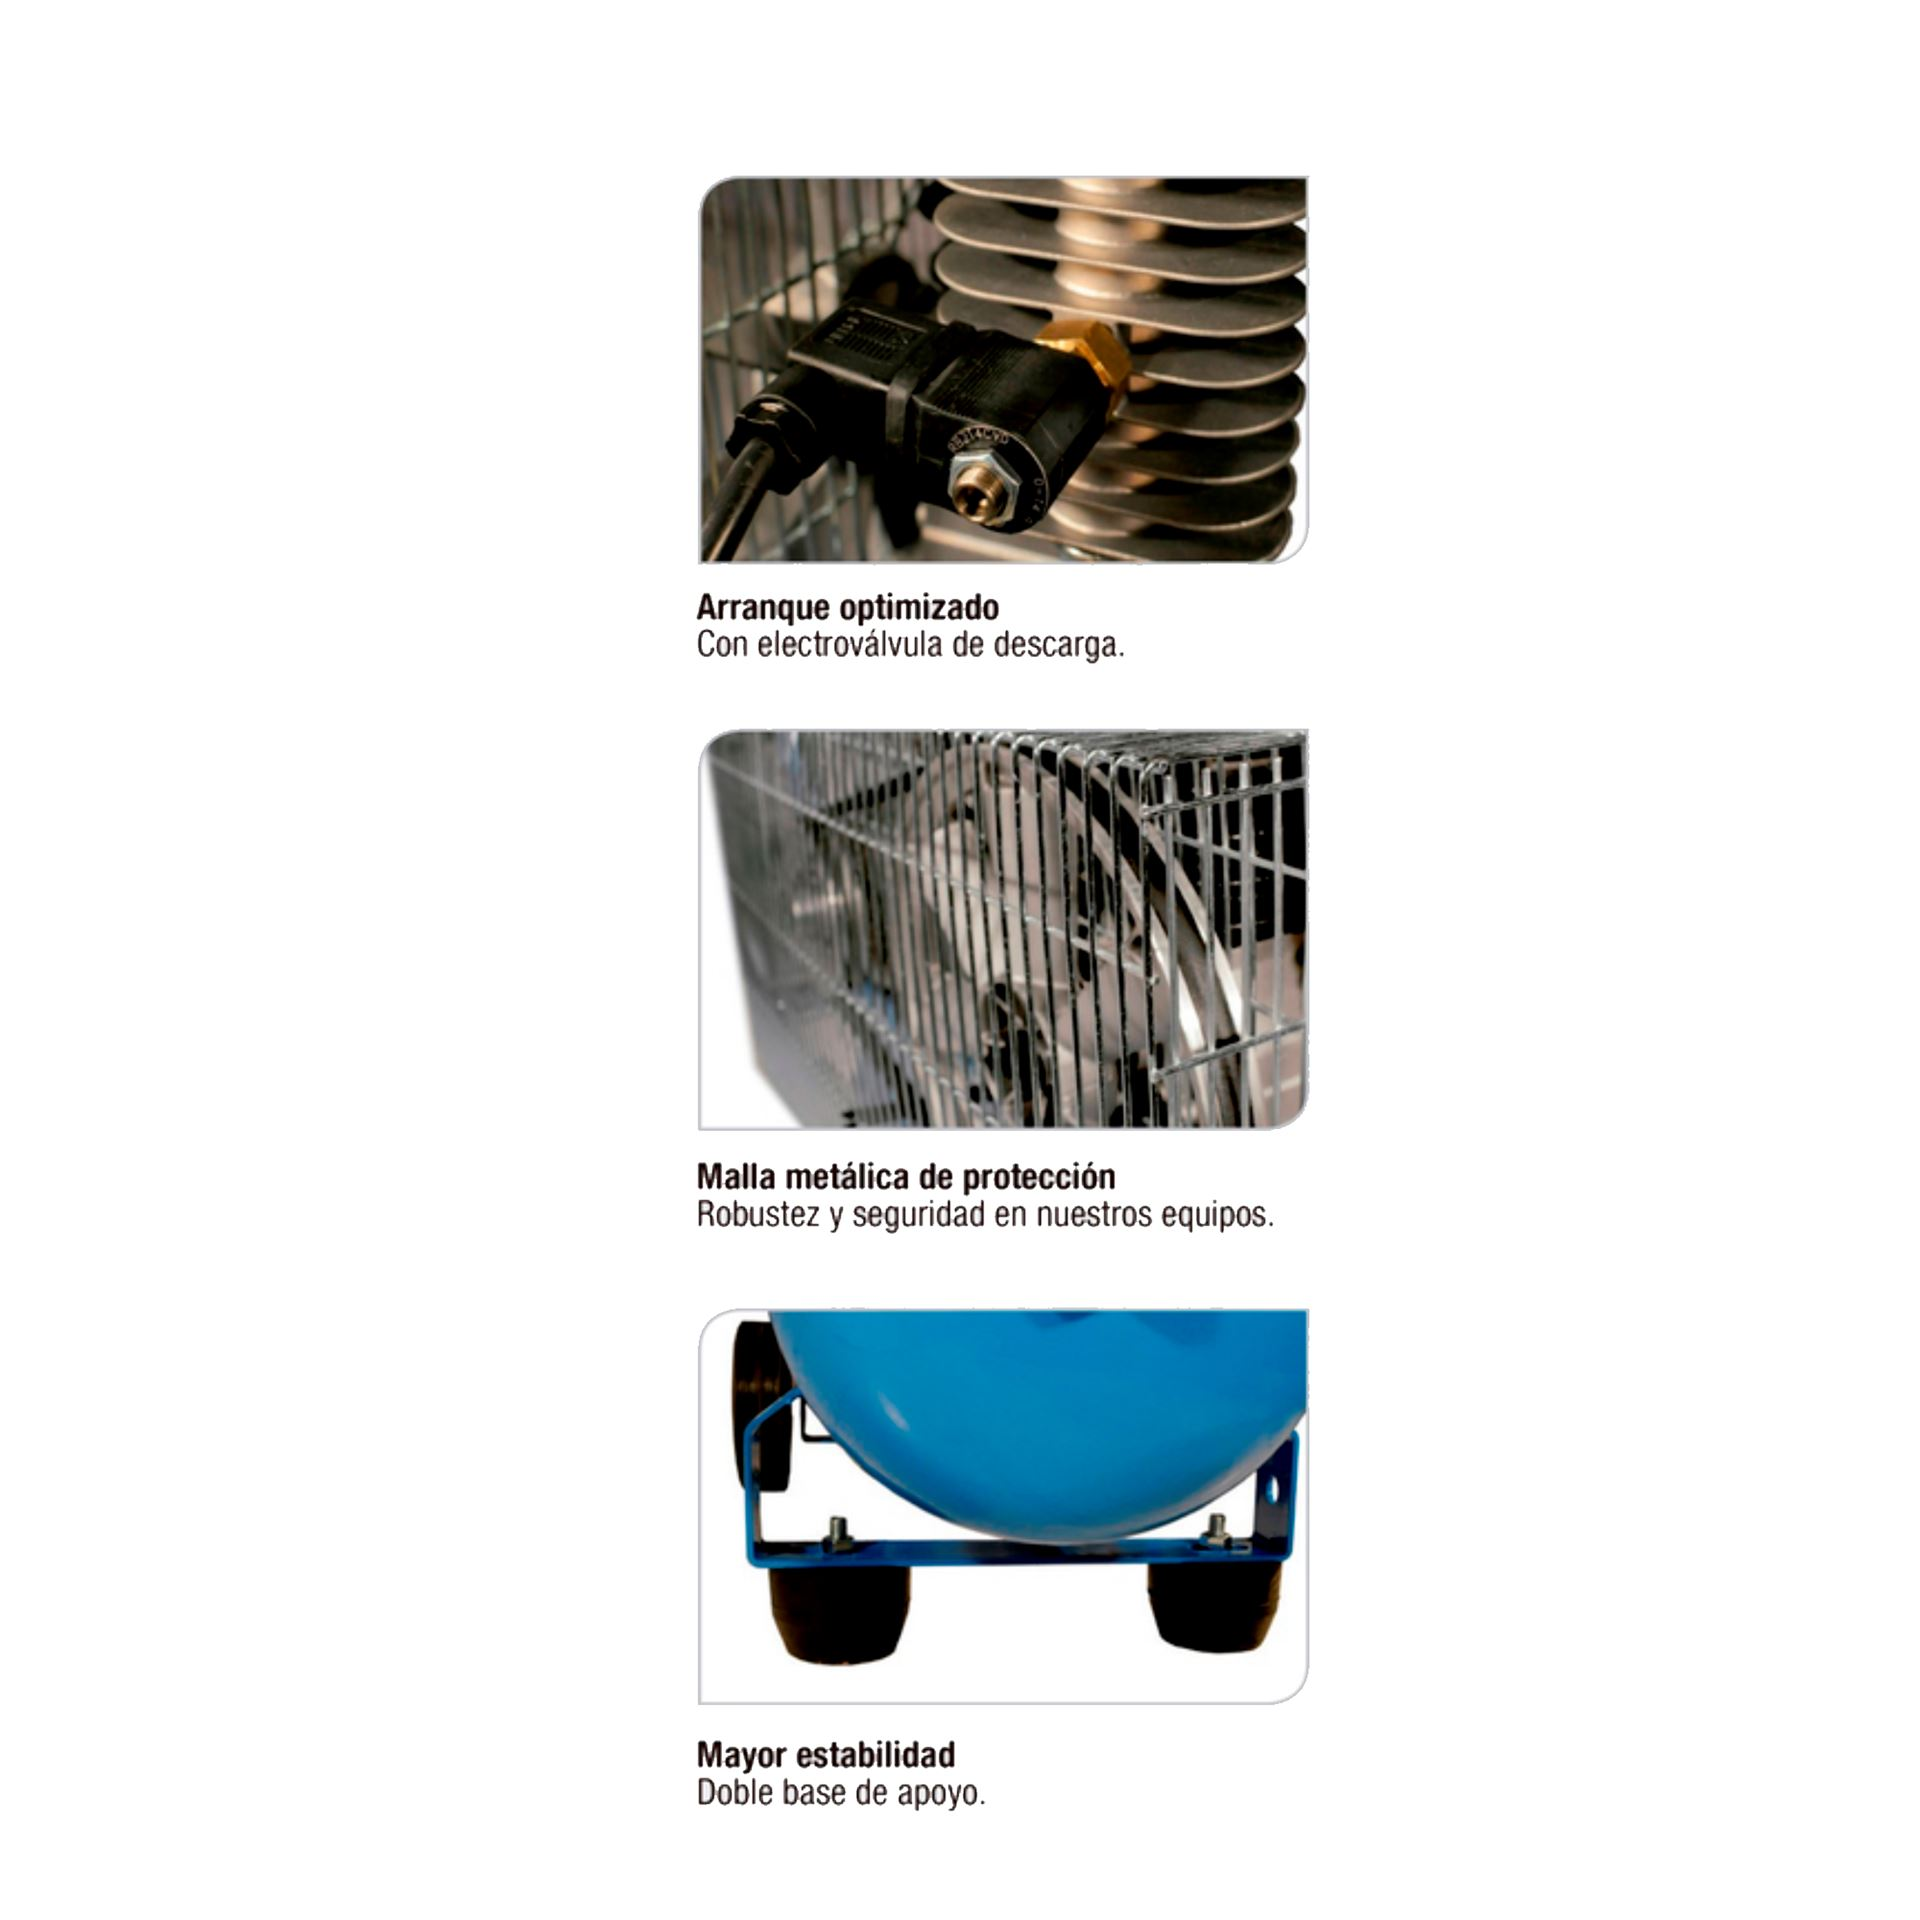 Imagen de Compresor portátil marcha en vacío 3 HP Imcoinsa Imgot 0433